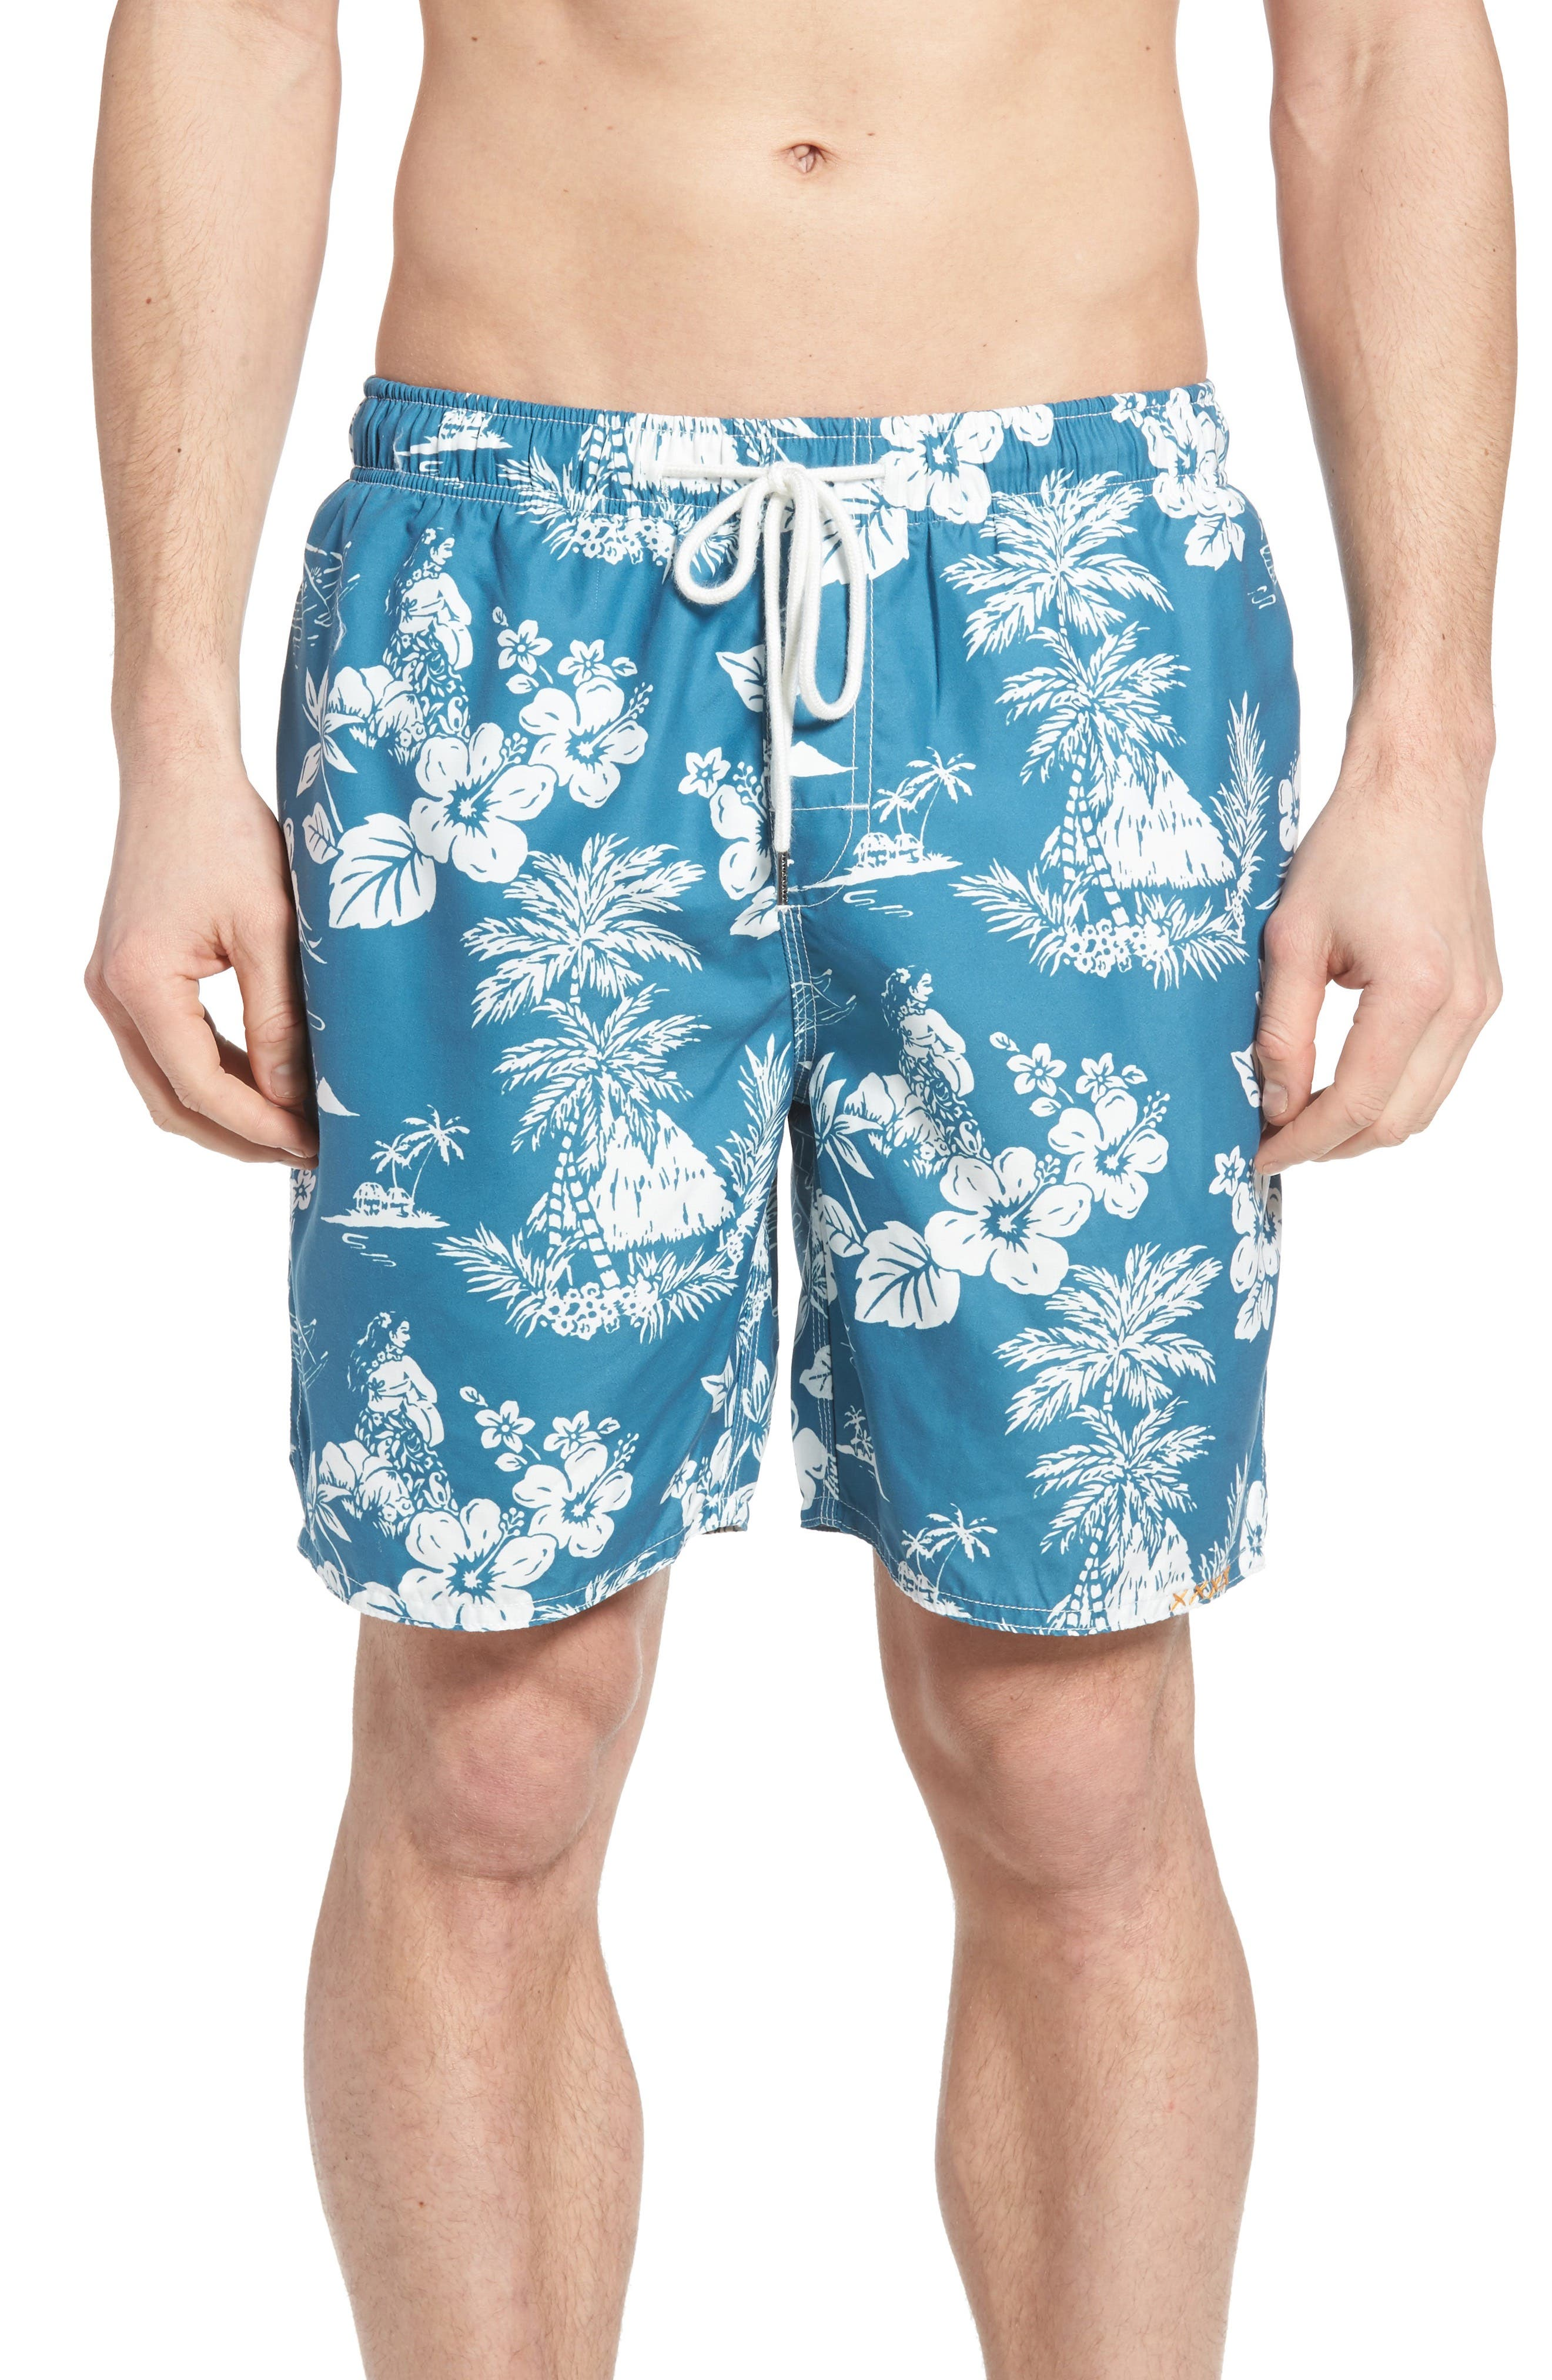 Outrigger Print Swim Trunks,                         Main,                         color, 400